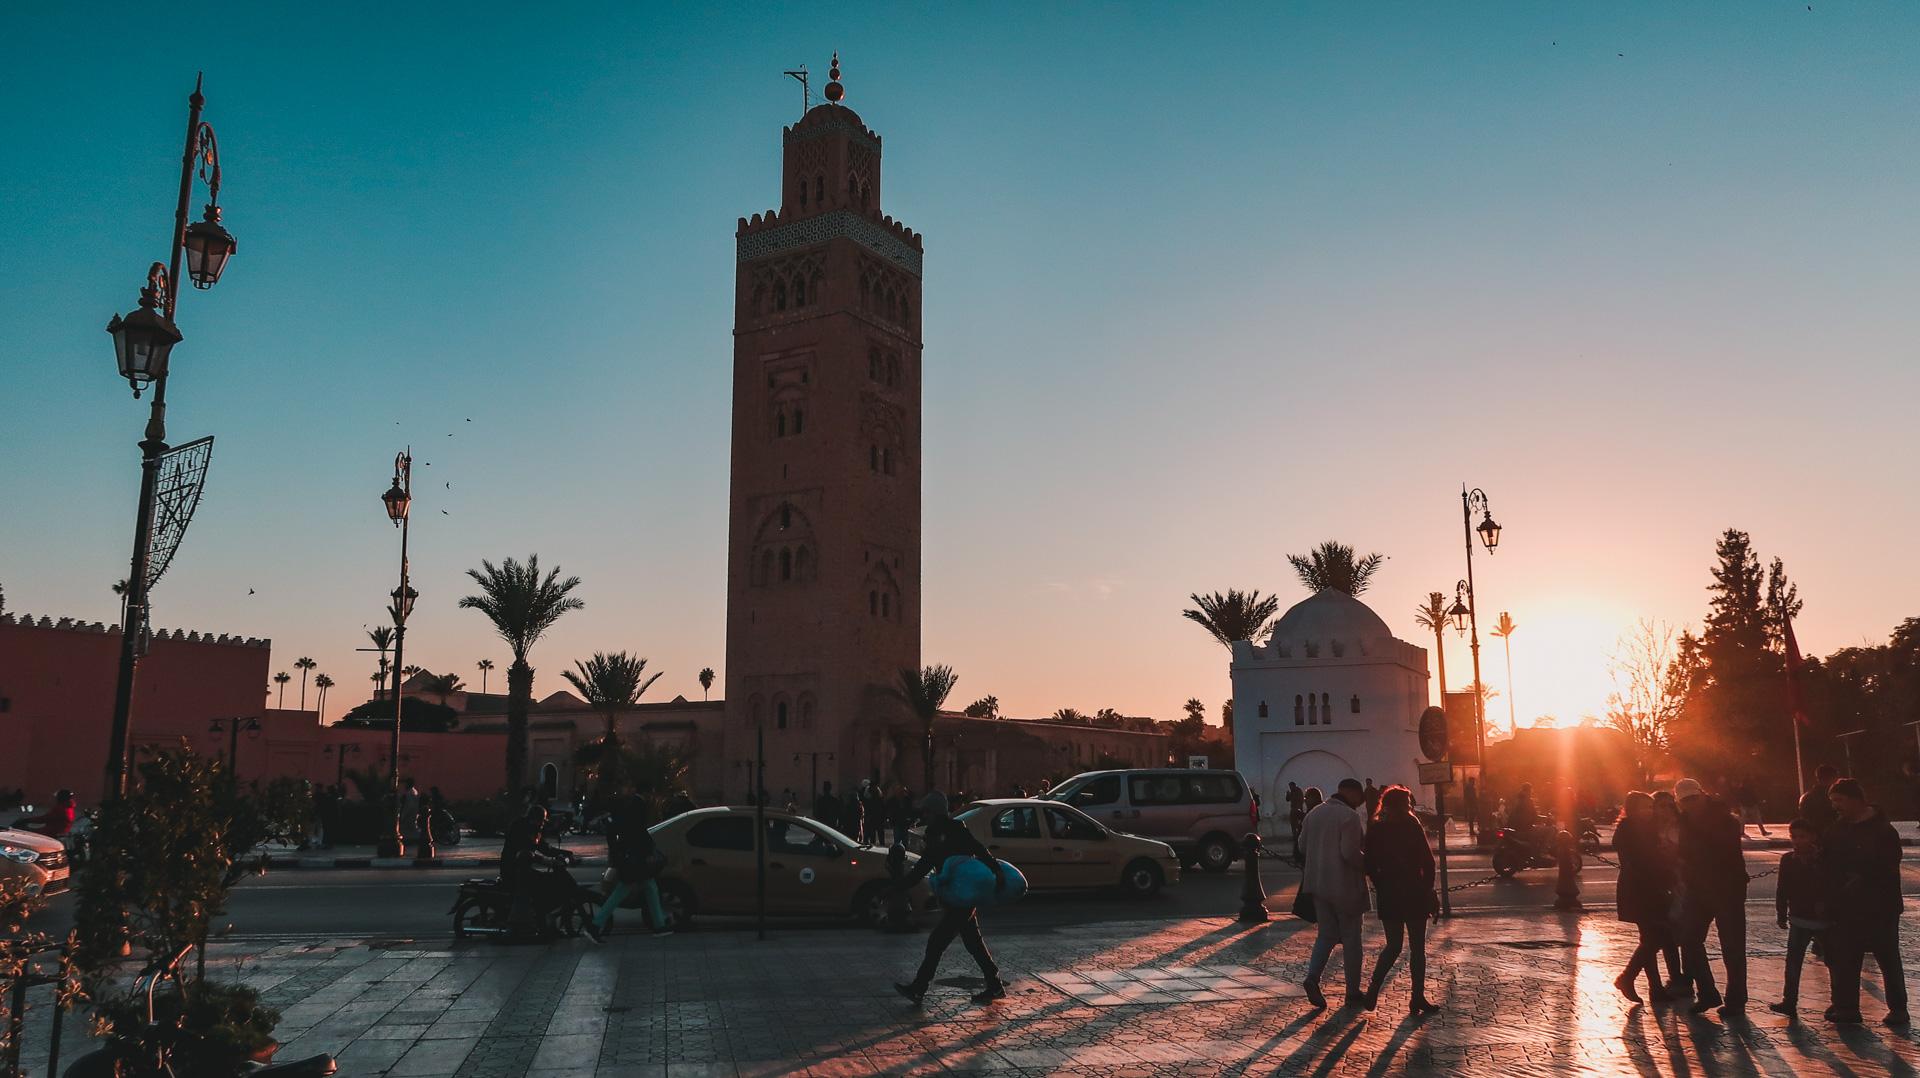 sway the way marrakesz 2